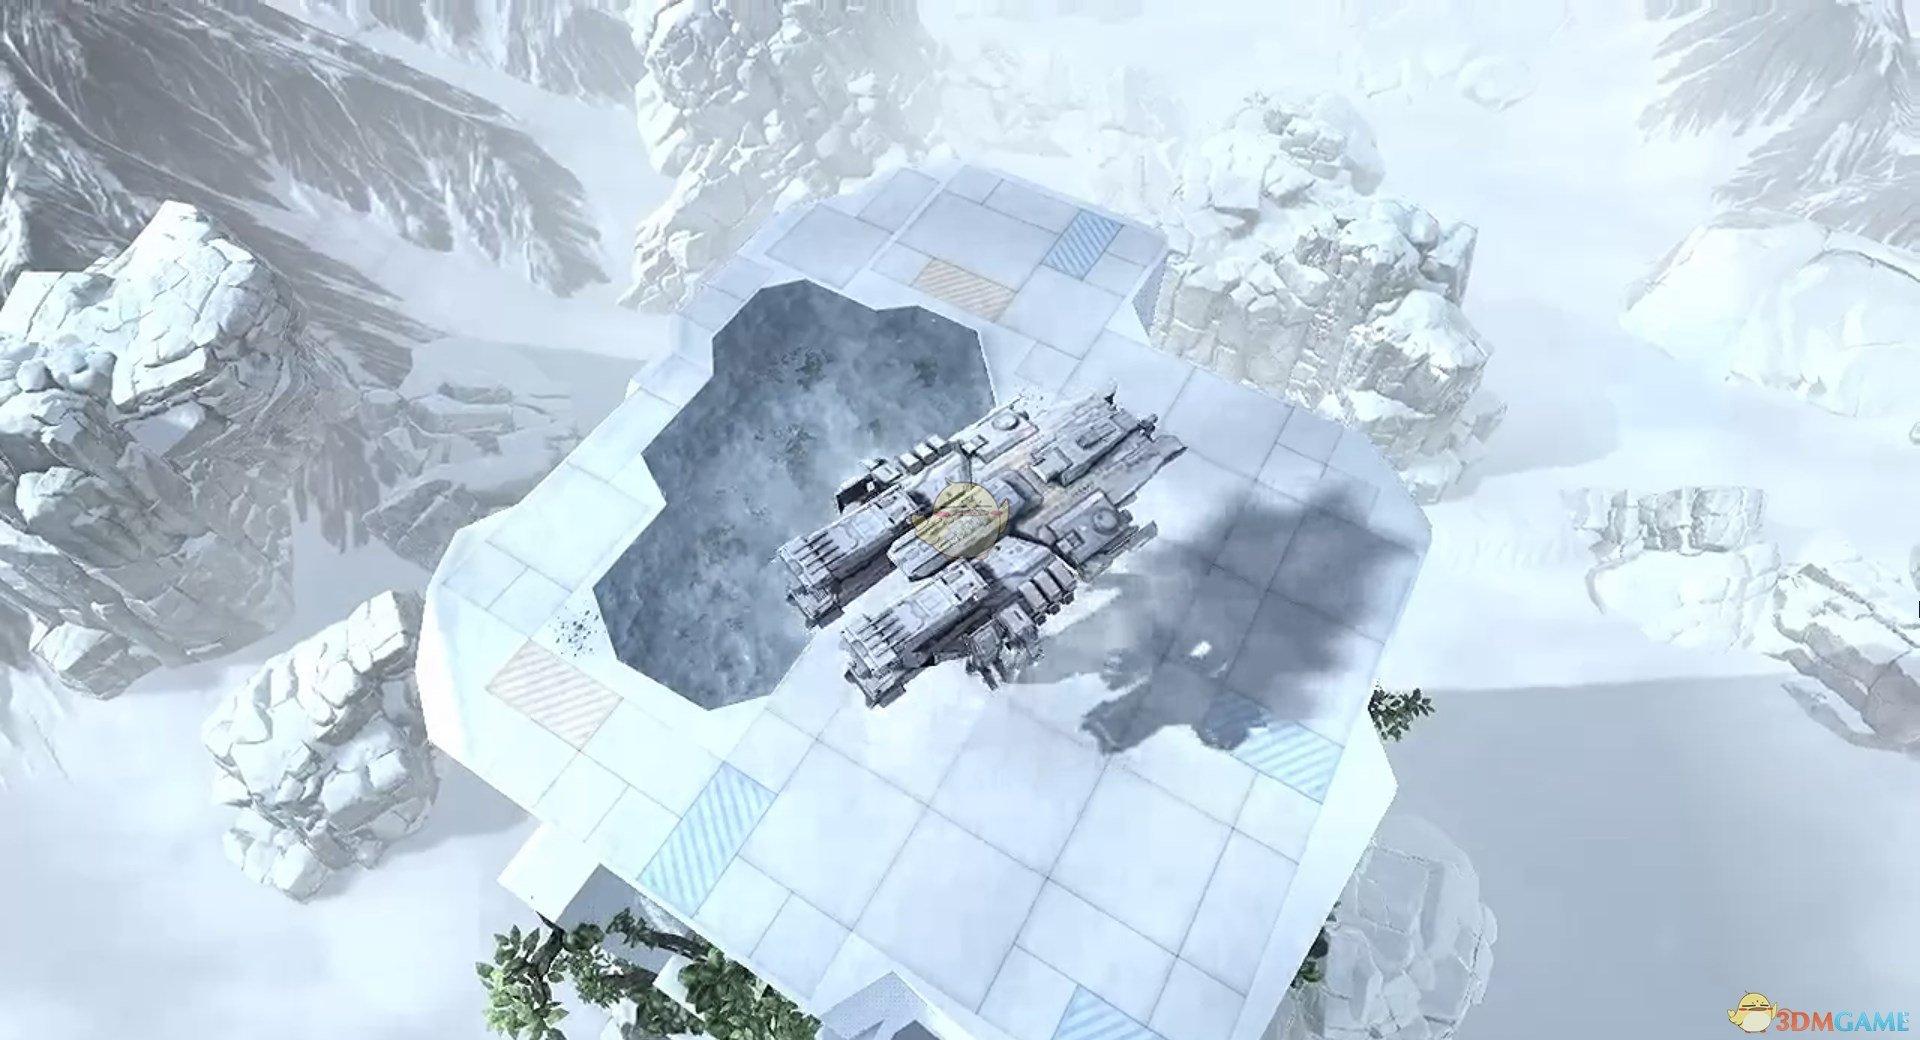 《悬崖帝国》自然灾害应对方法以及好处分享